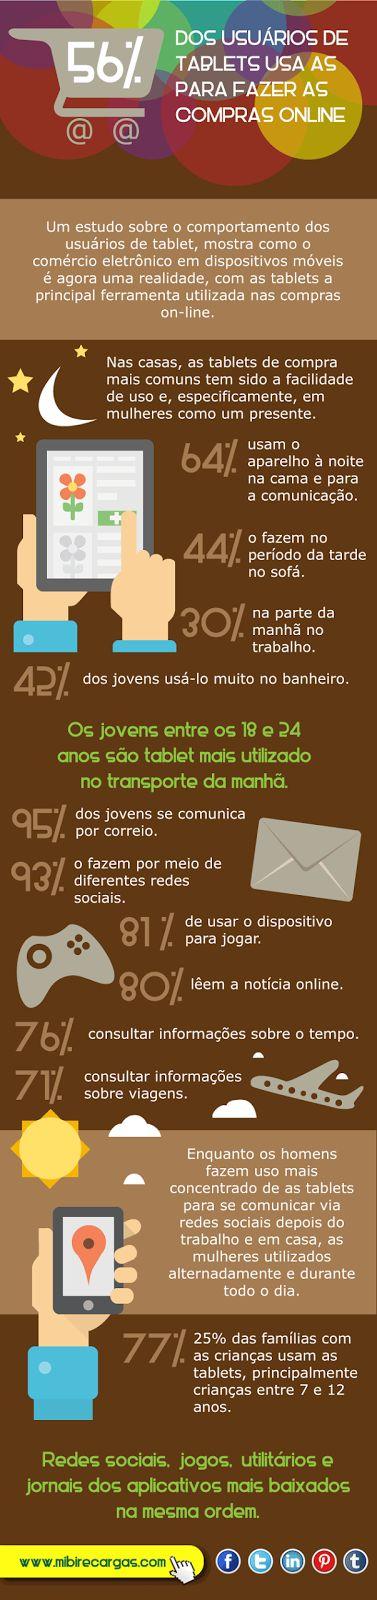 56 % dos usuários de tablets usa as compras online http://www.mibirecargas.com